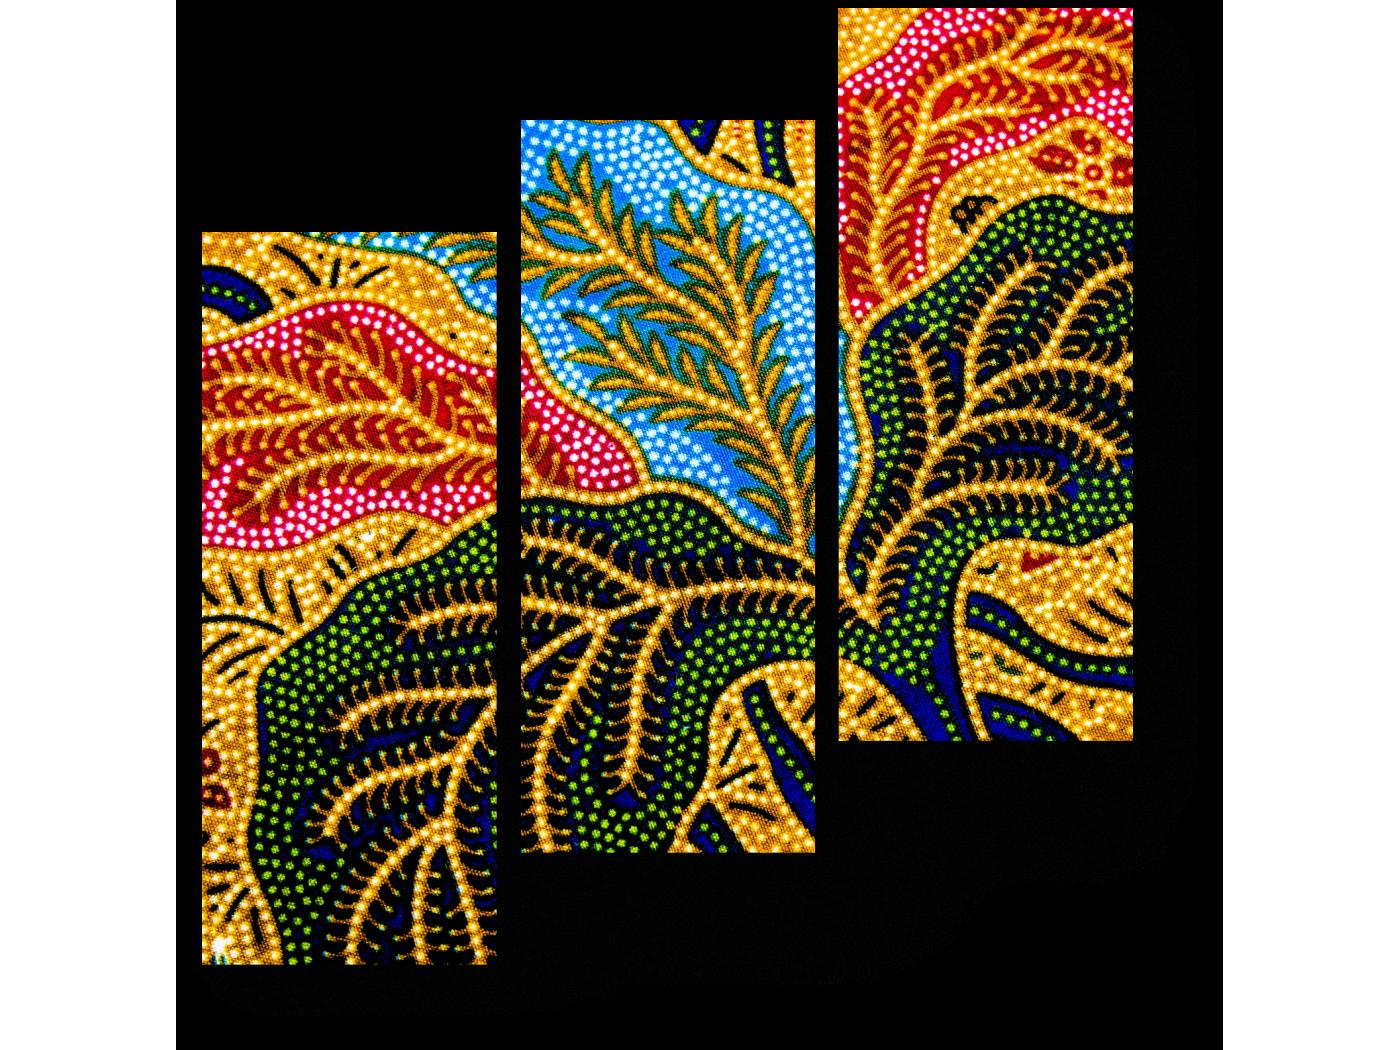 Модульная картина Распустившийся цветок (60x64) фото